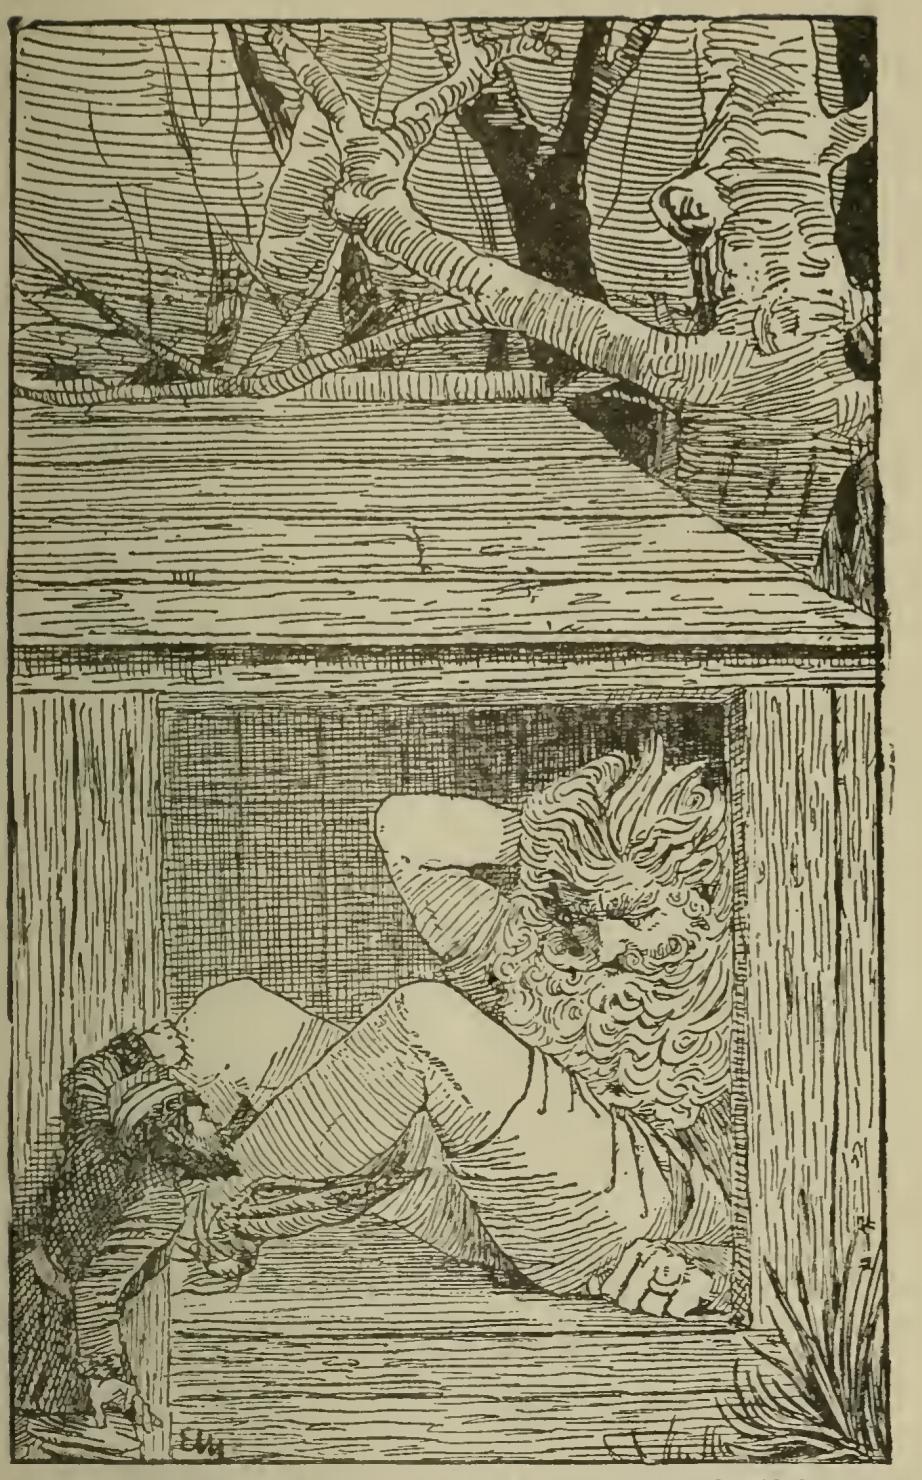 La historia del Viento – Cuento folclóricoucraniano